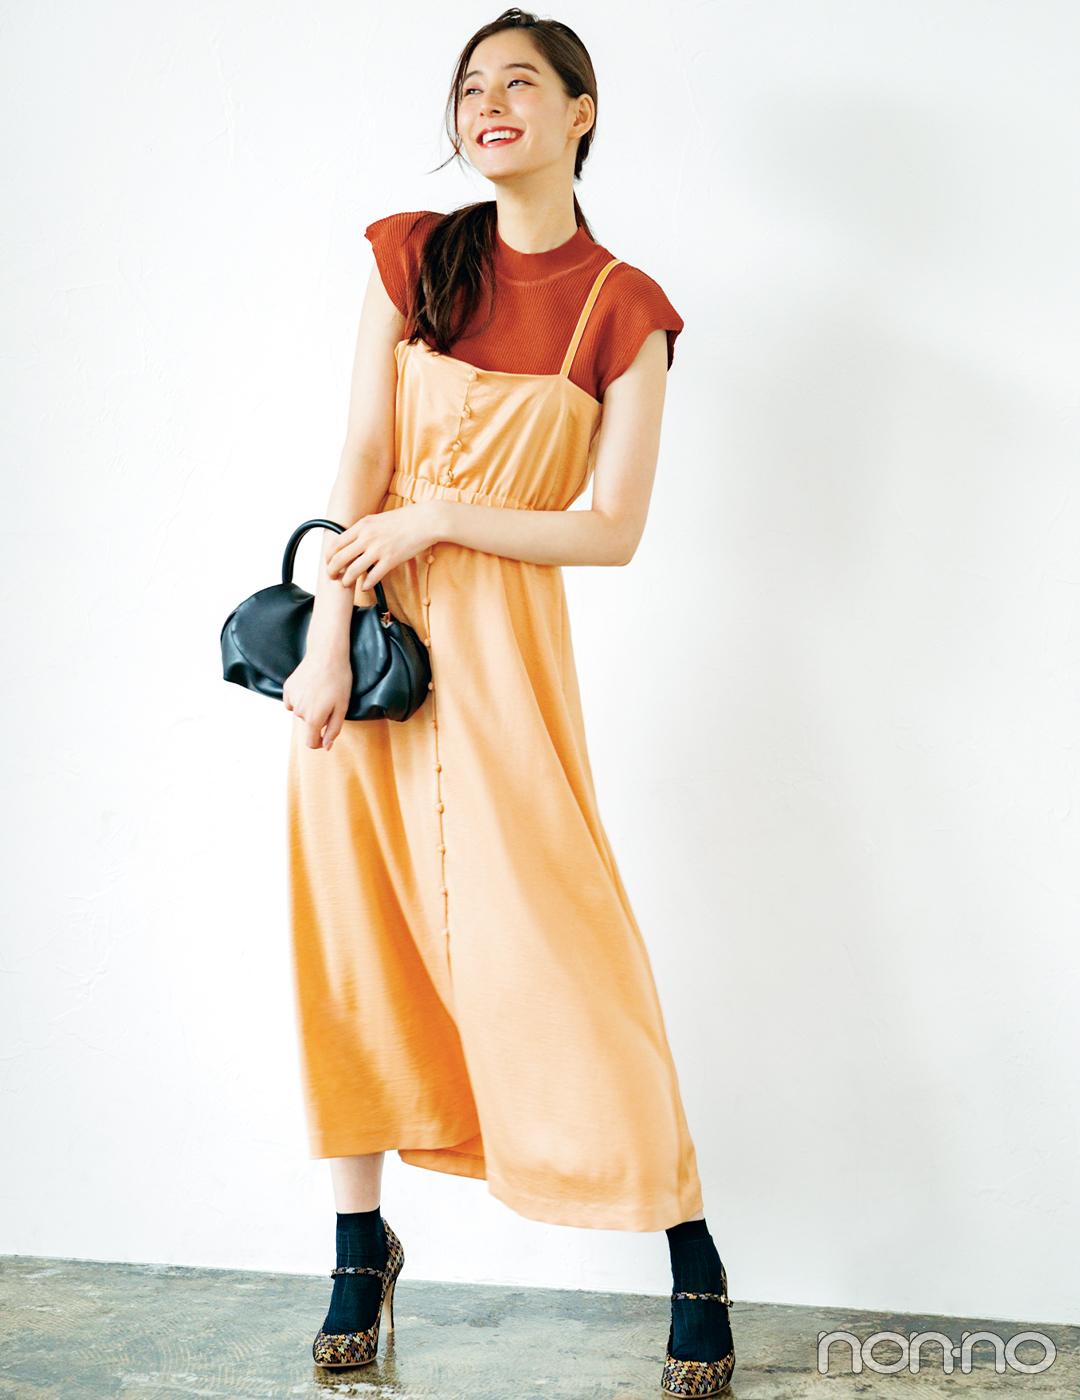 title:新木優子×新しいこと始まる秋服。「キャミワンピは旬度高めに着こなし」